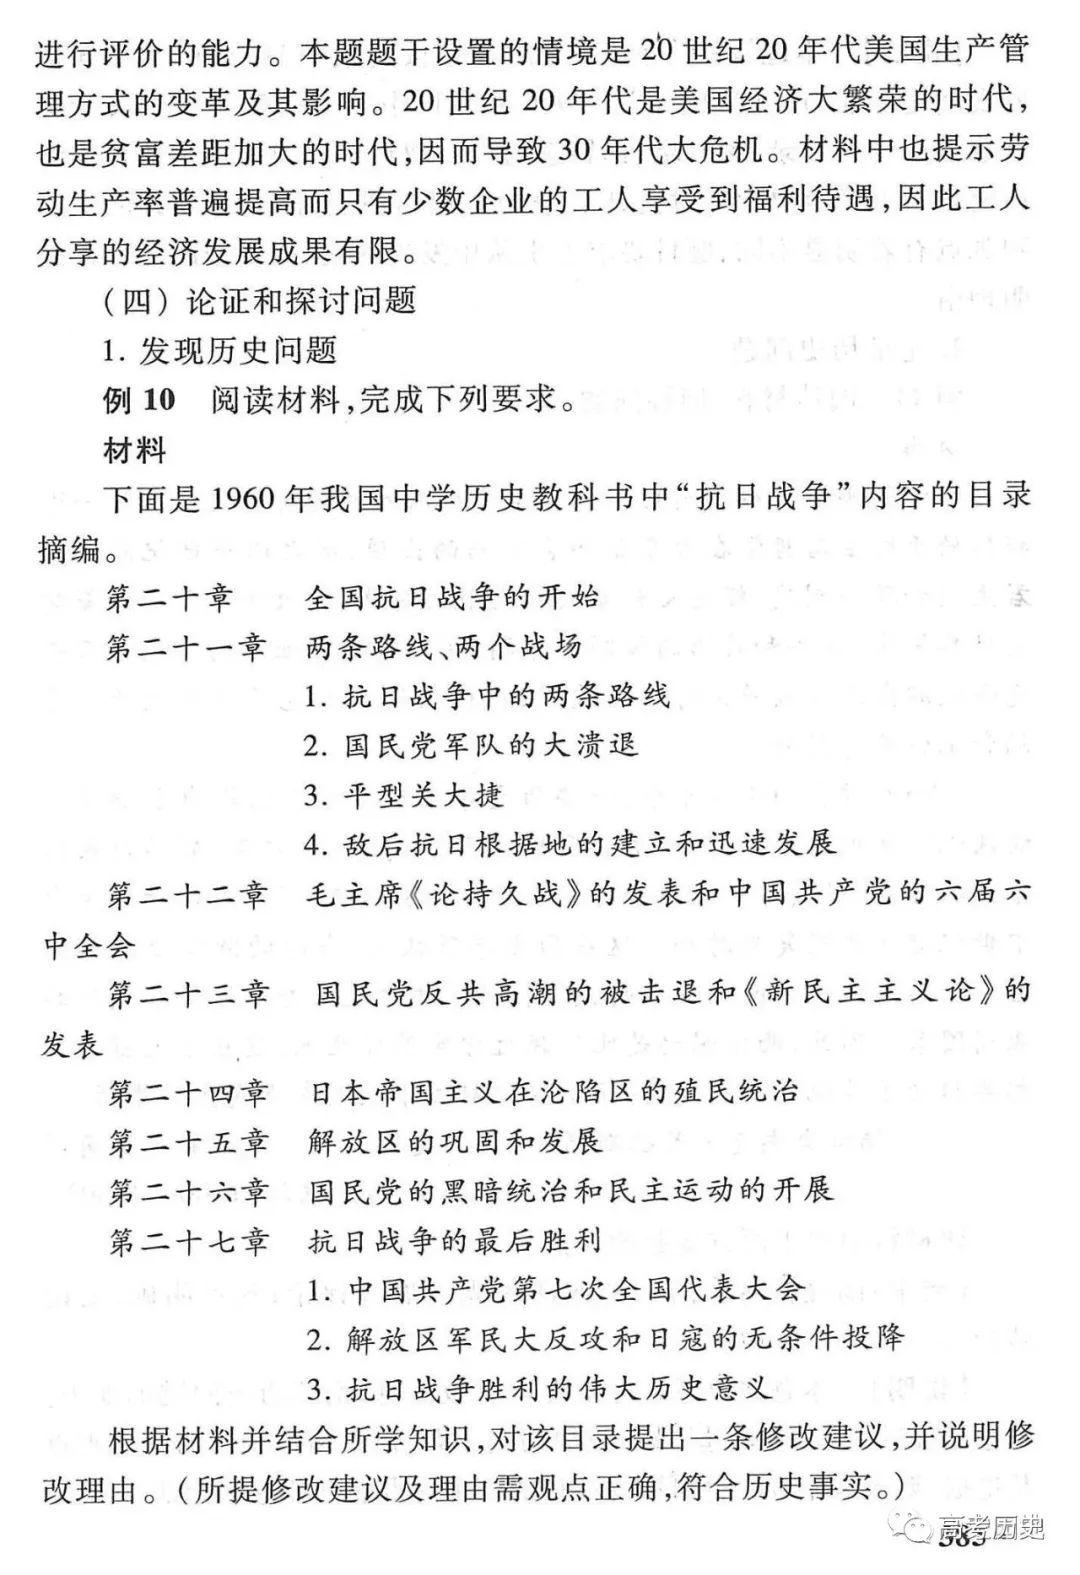 2019高考【物理/化学/历史】考试大纲及说明出炉!